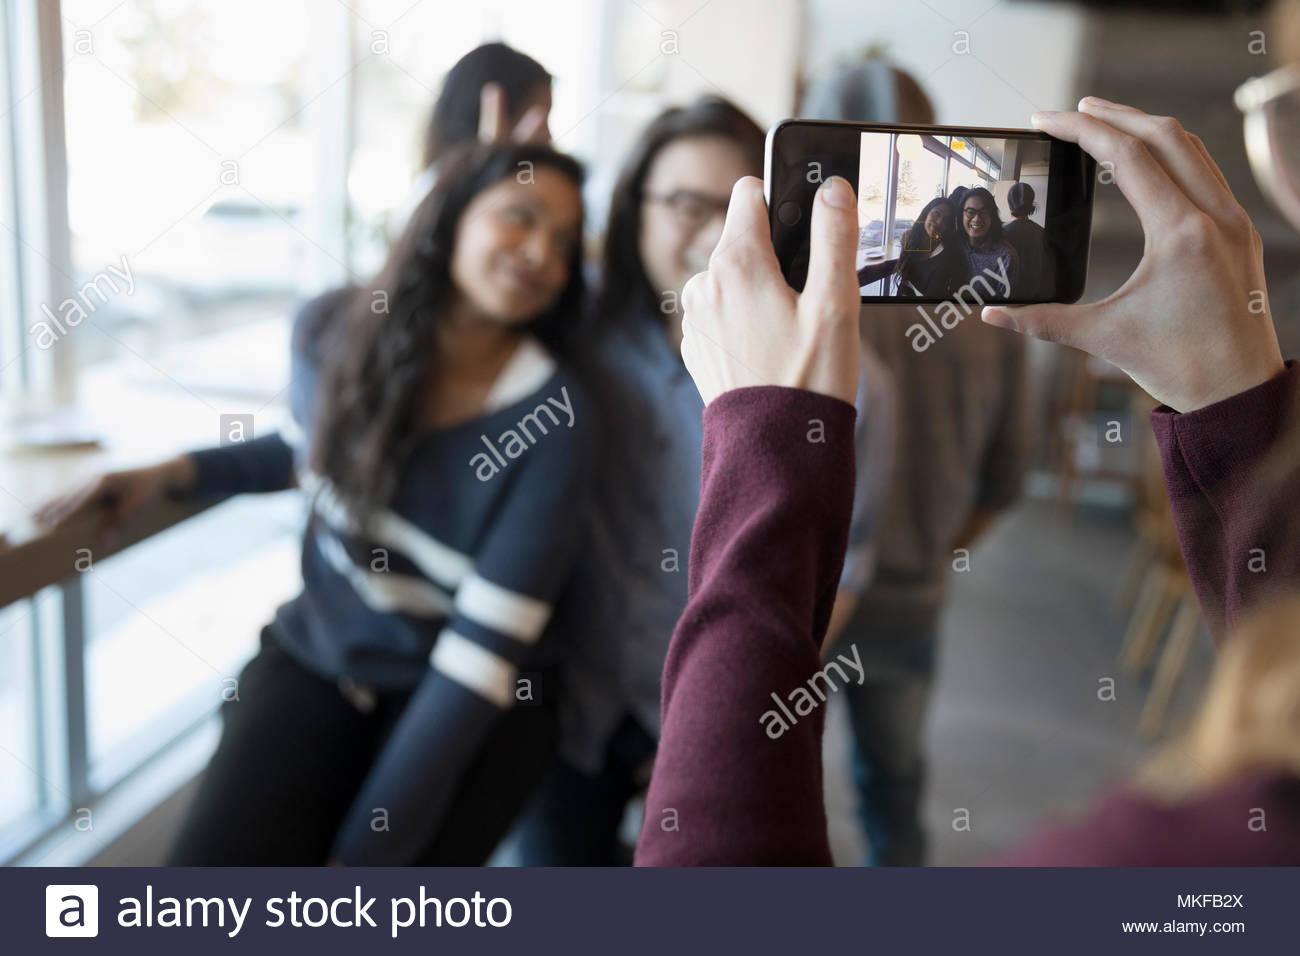 Mujer joven con cámara teléfono fotografiar amigos Imagen De Stock